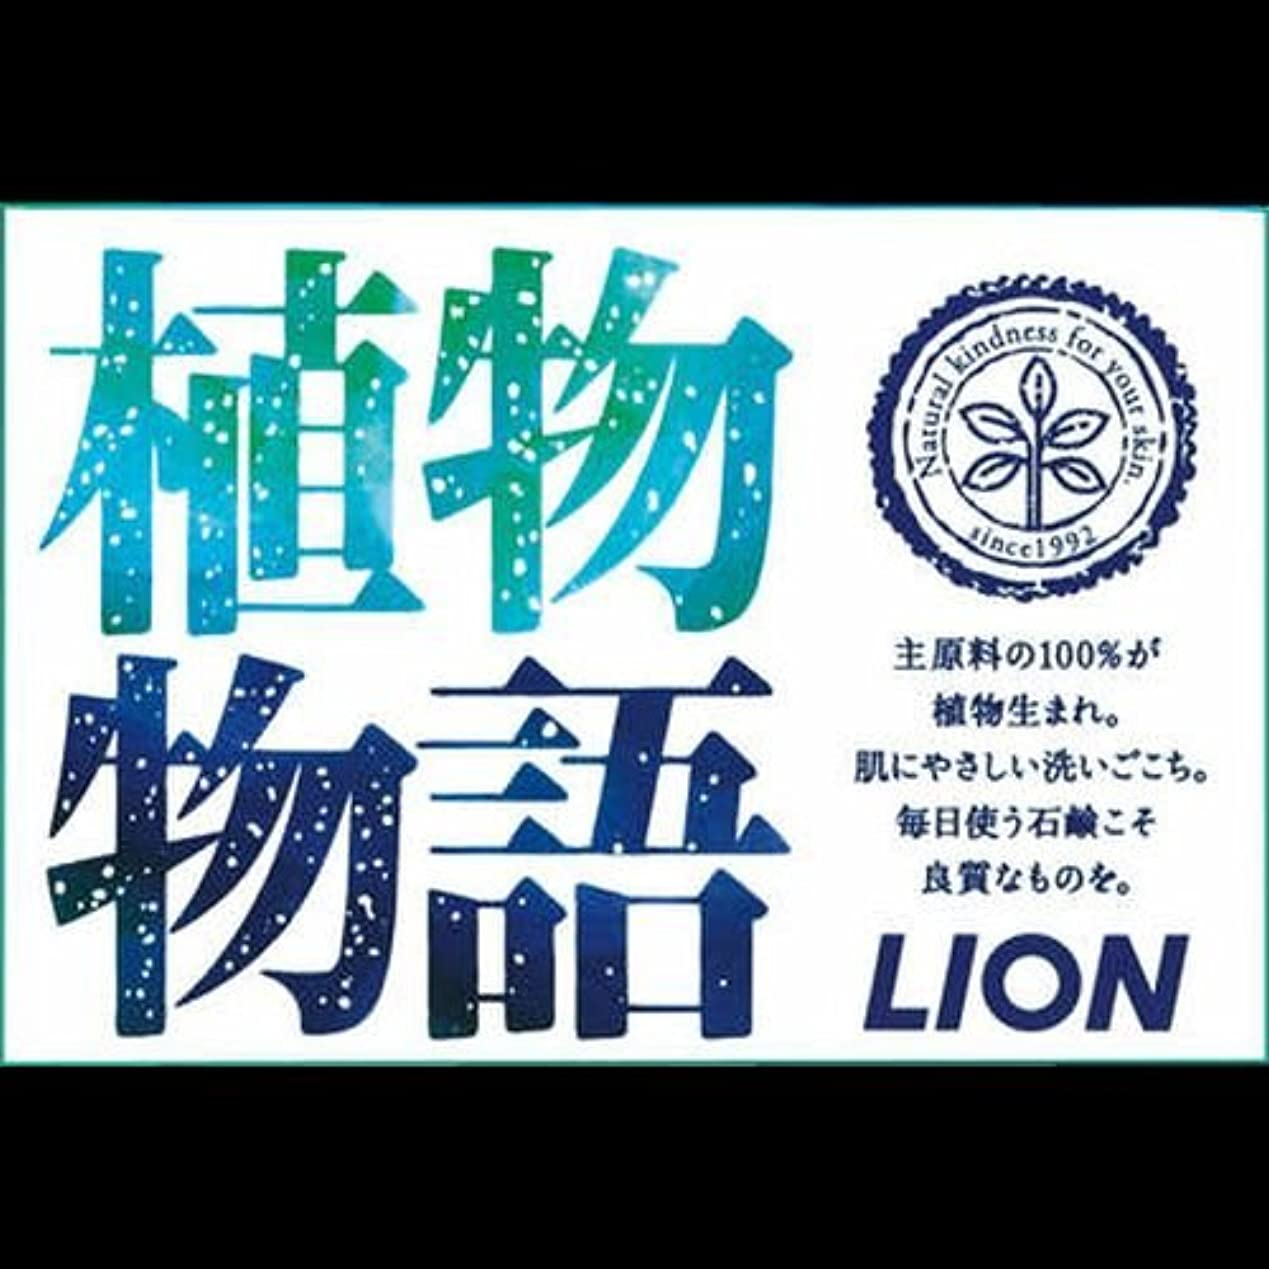 振る舞うシャンプー処分したライオン 植物物語 化粧石鹸 90g×1個入 ×2セット